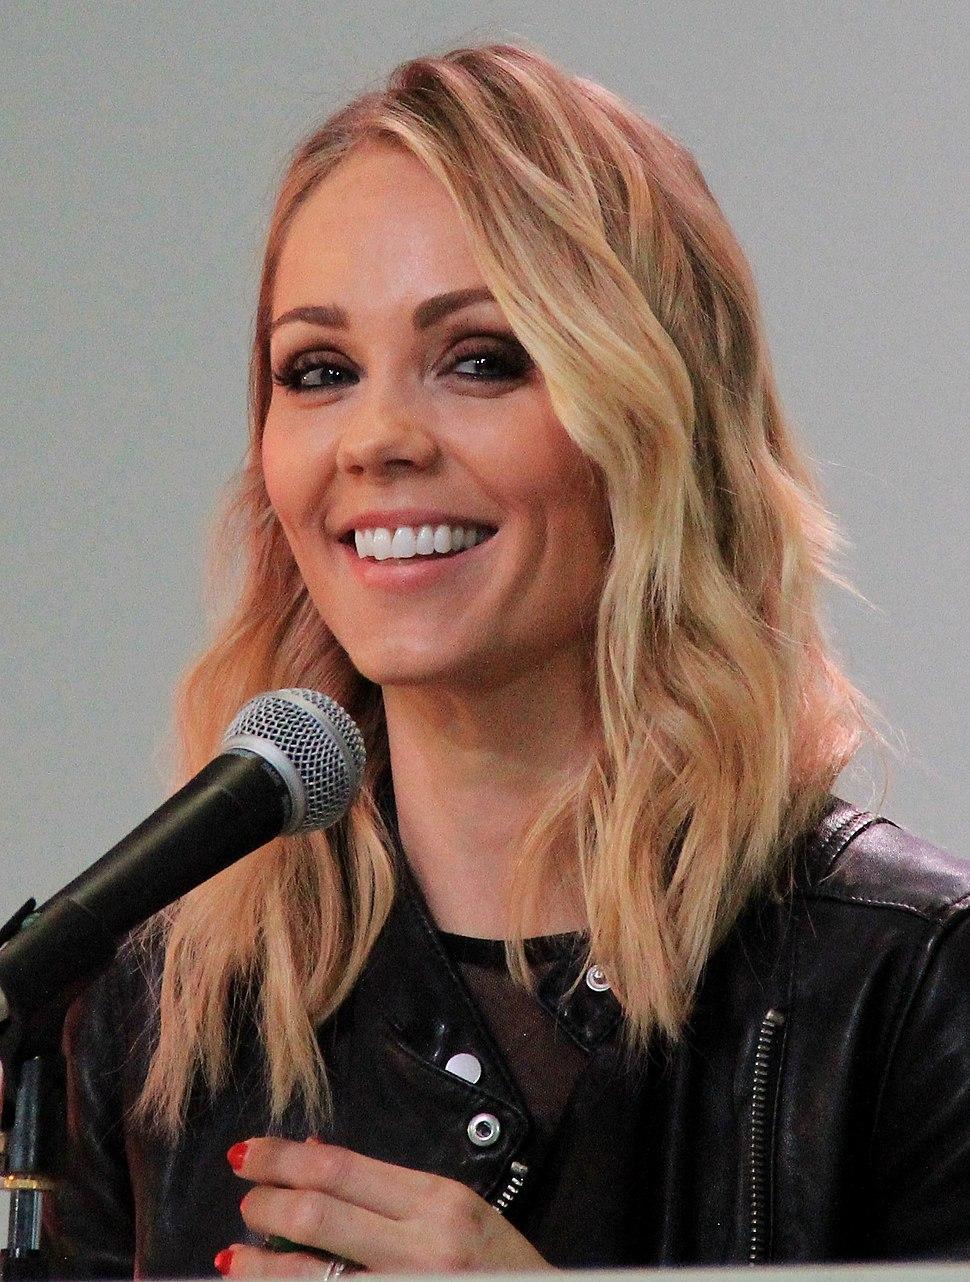 Laura Vandervoort - Space City 2016 - Smallville panel